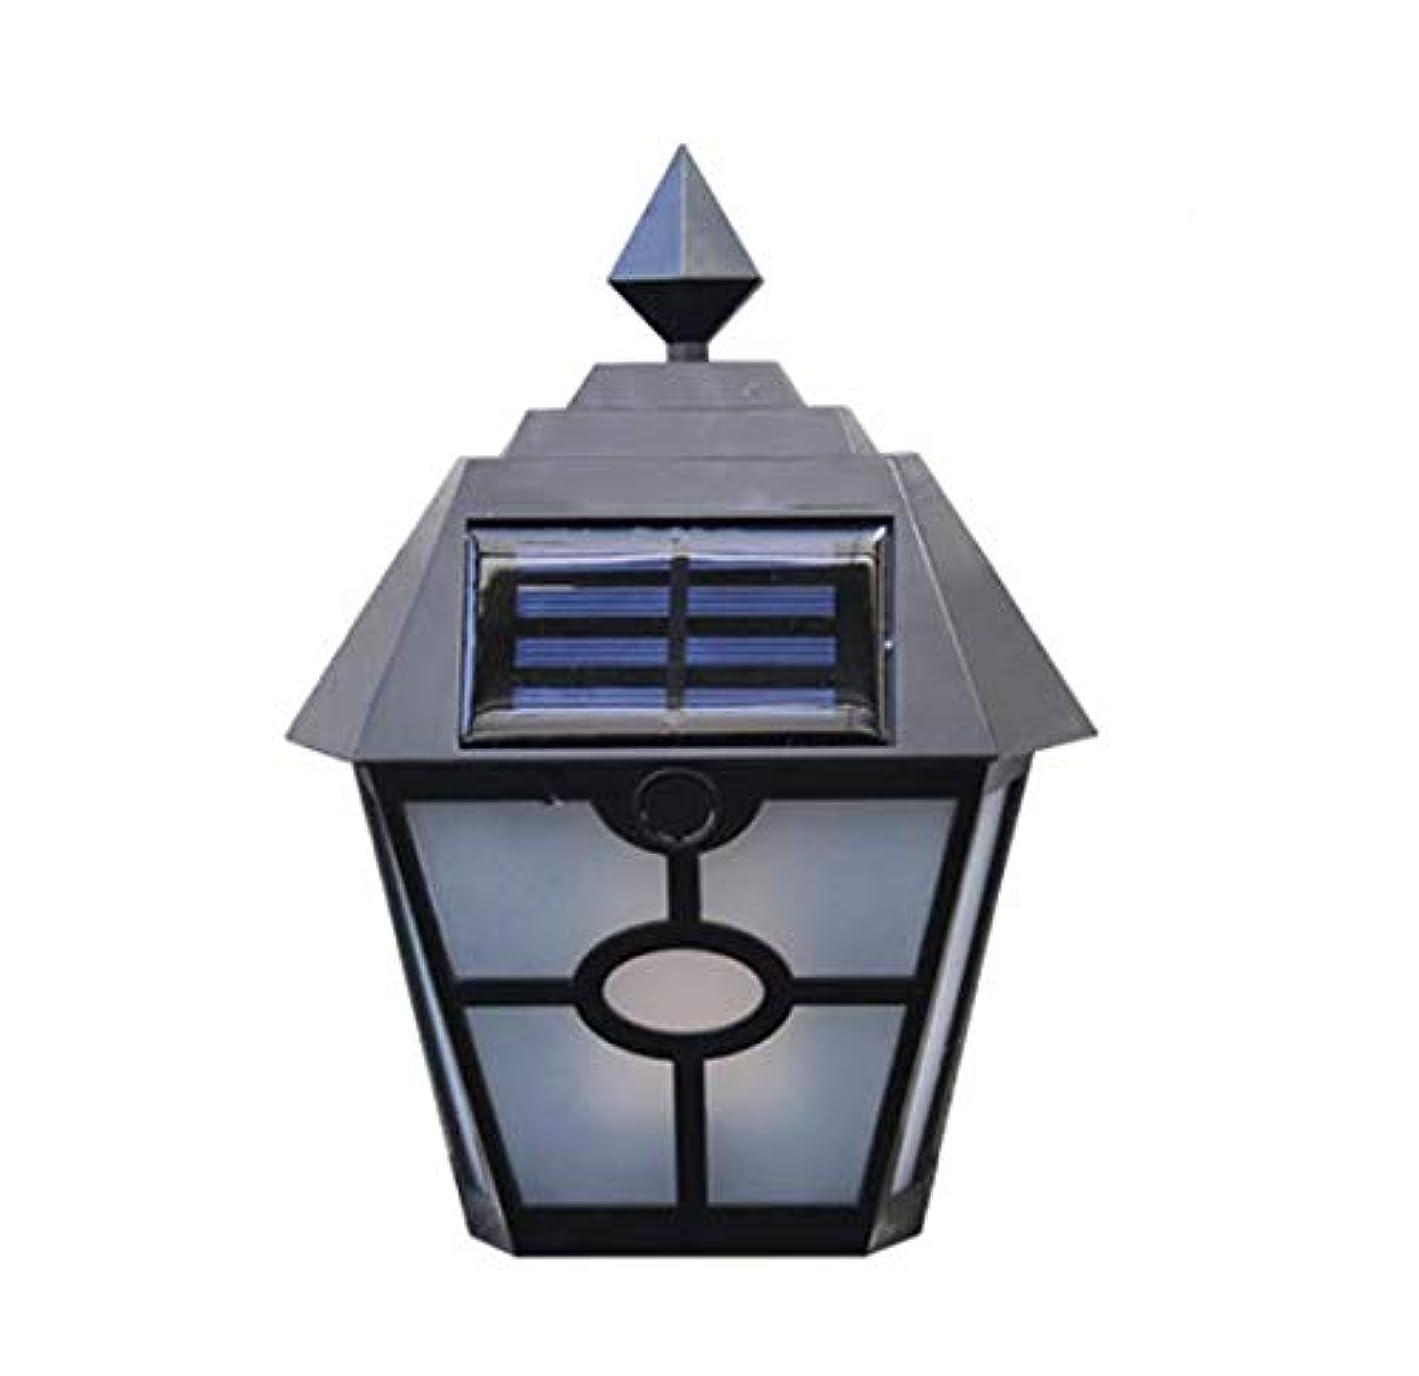 協力するマーベル四レトロな六角形のLEDソーラーウォールライトLED調光プラスチック防水IP65ペインの庭のフェンス庭の風景屋外